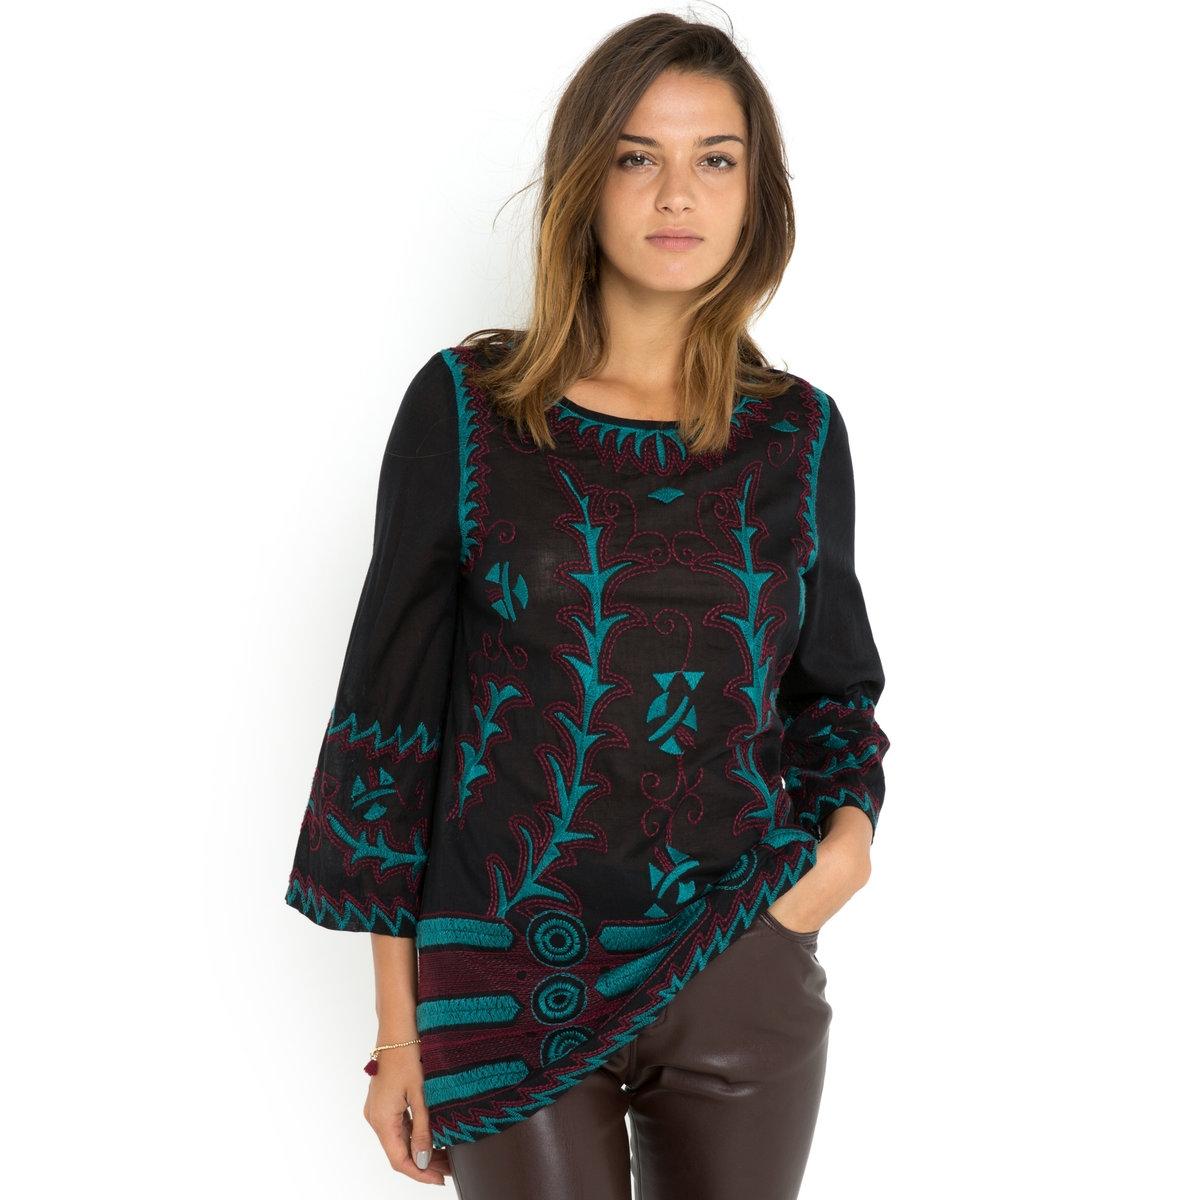 Блузка с длинными рукавамиБлузка BATIKA - GAT RIMON. Прямой покрой. Широкие рукава 7/8. Закругленный вырез. С вышивкой. Блузка из 100% хлопка.<br><br>Цвет: черный<br>Размер: 1(S)